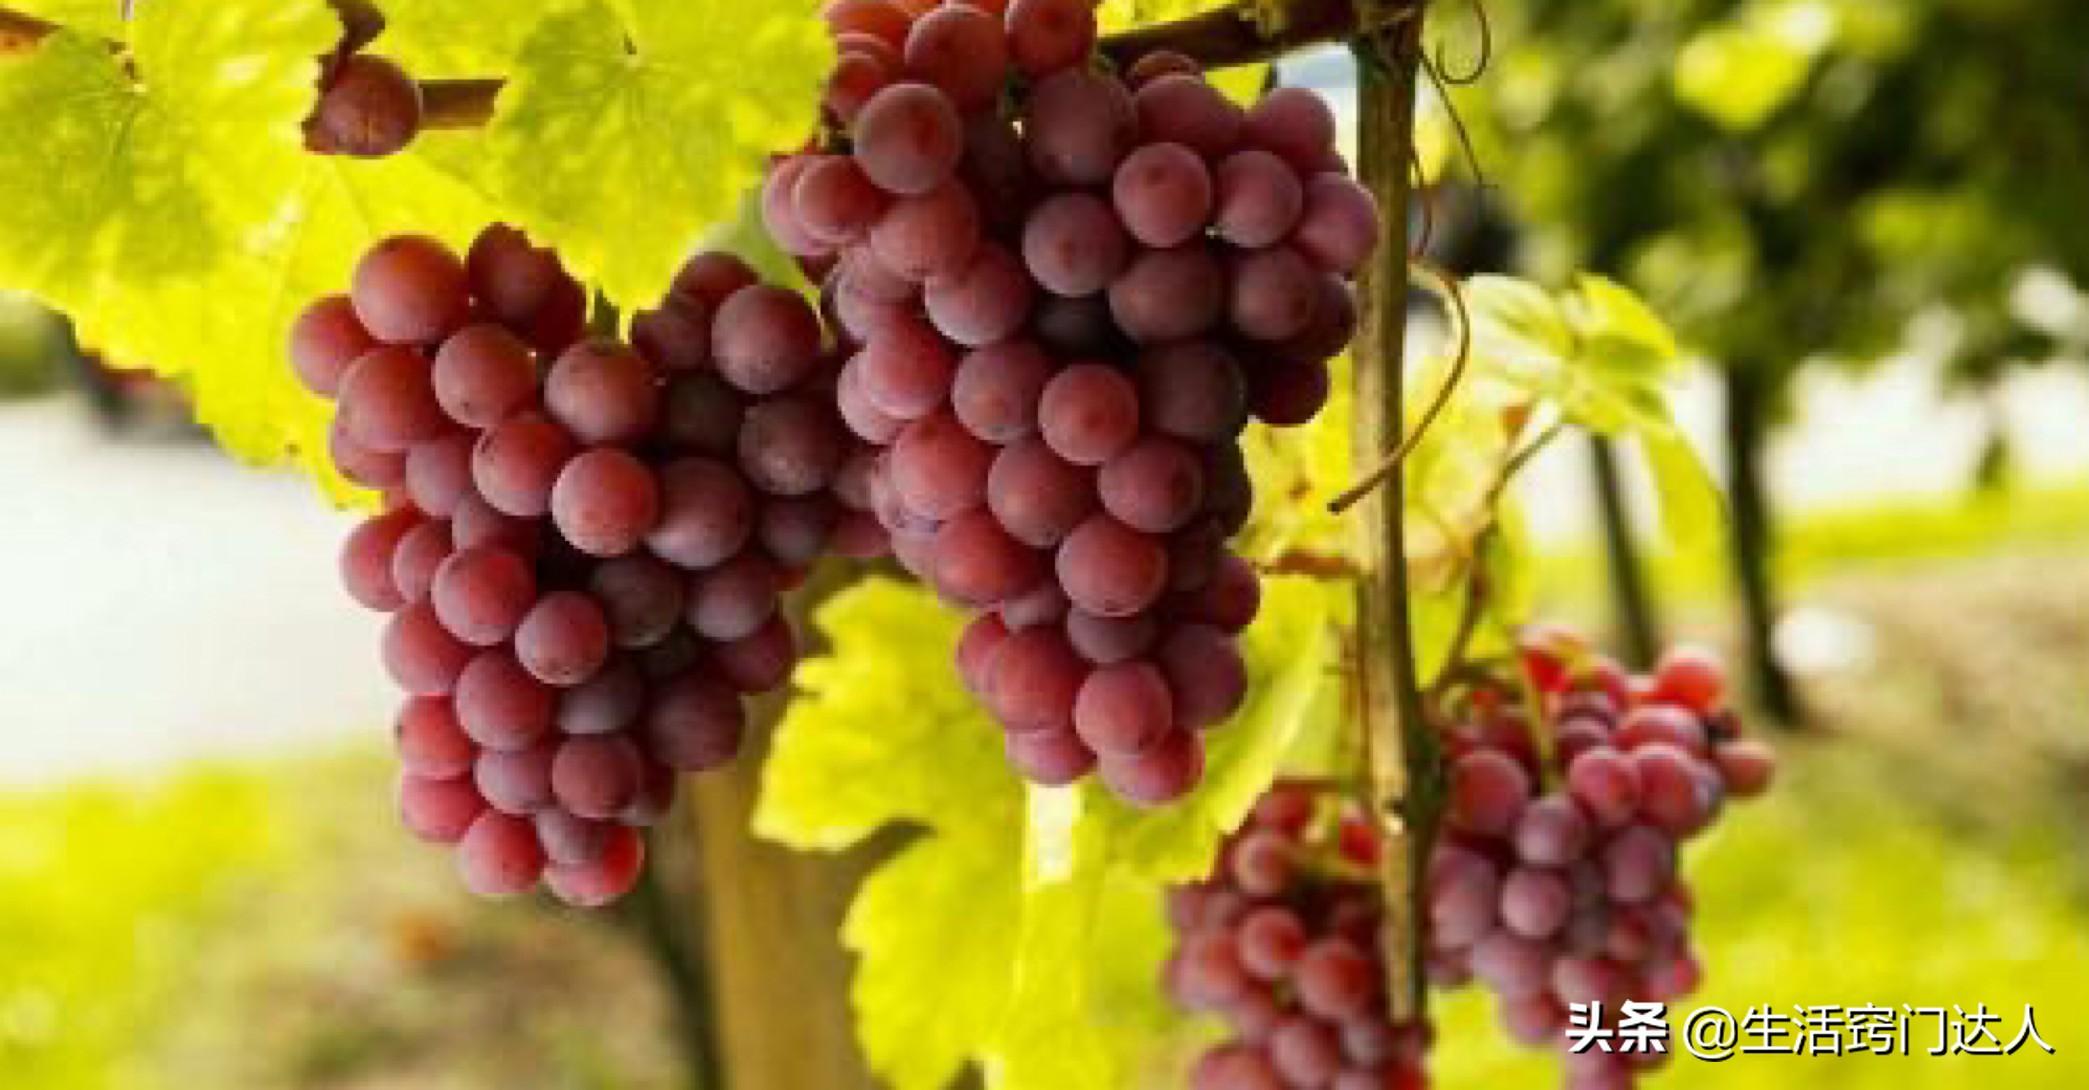 葡萄只用水洗远远不够,教你正确清洗方法,洗完连皮一起吃,学学 葡萄清洗方法 第4张